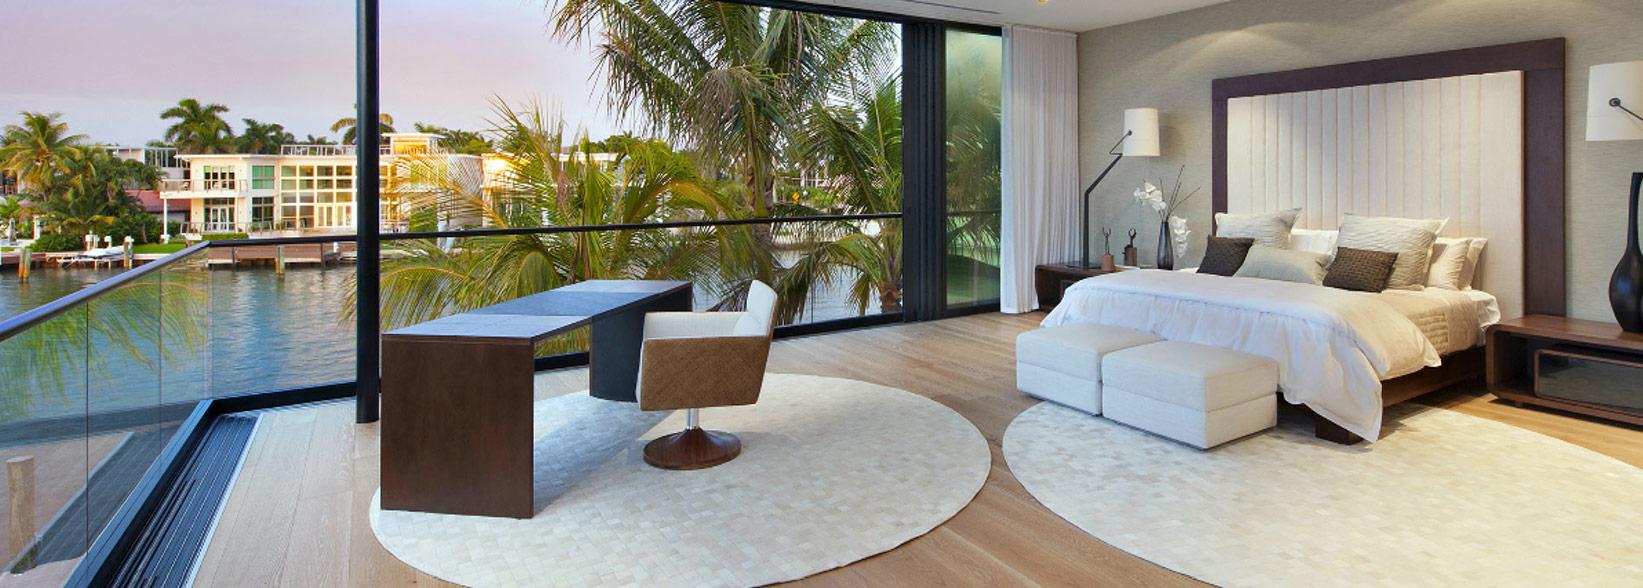 riva flooring